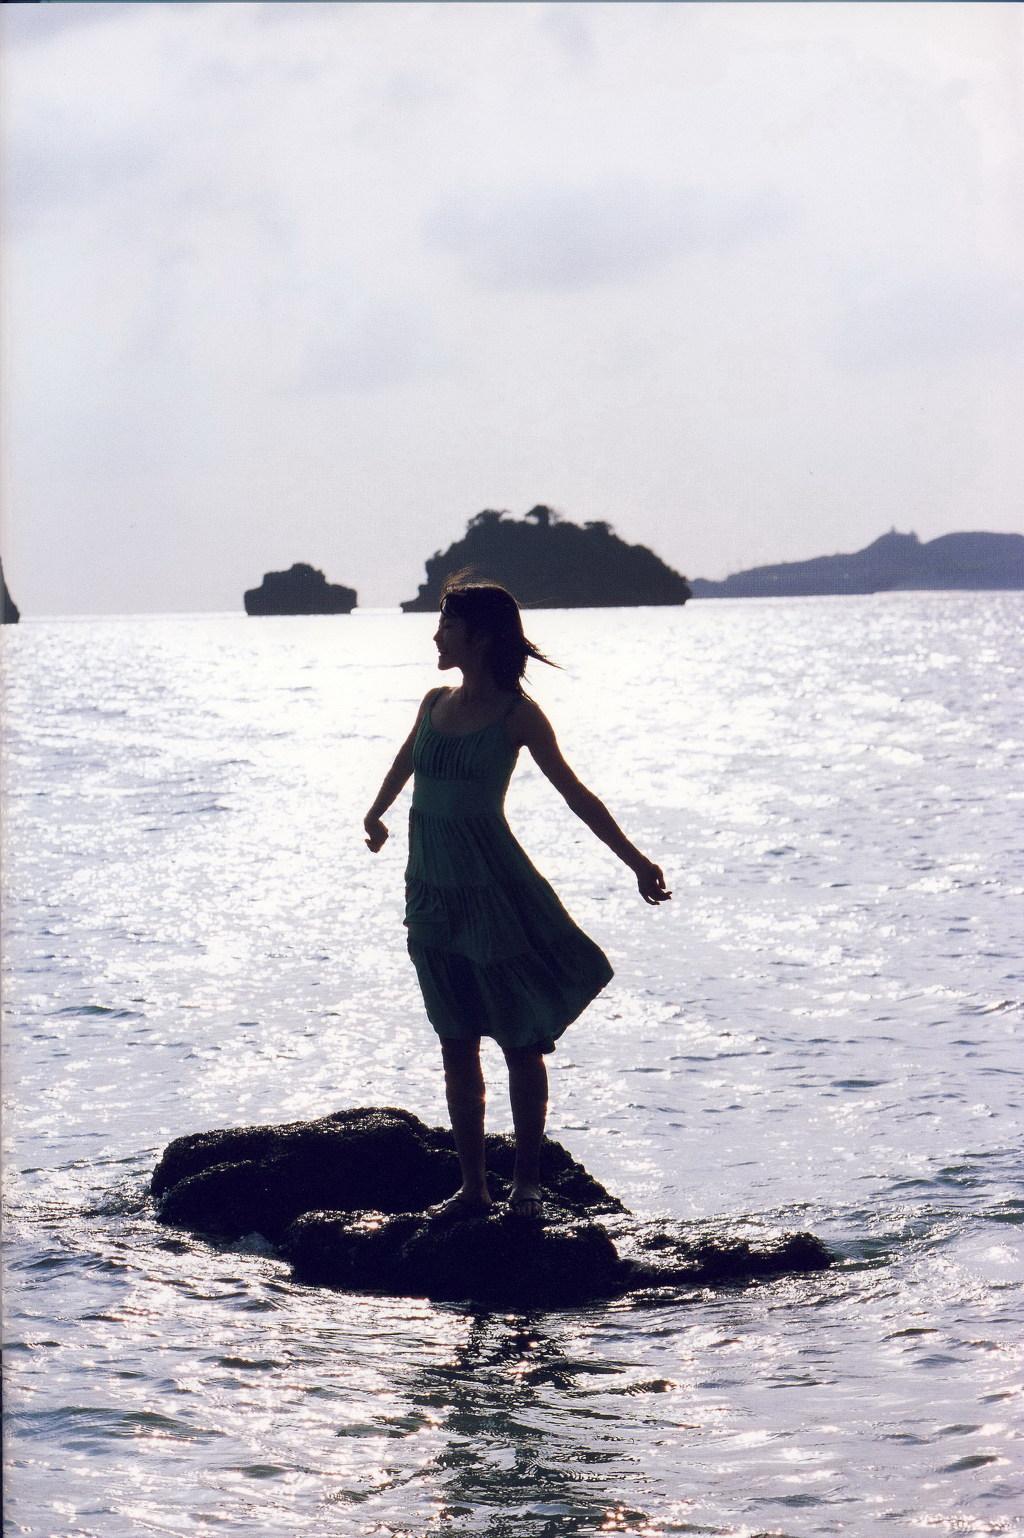 グラビアの美少女 (テレビ番組)の画像 p1_35